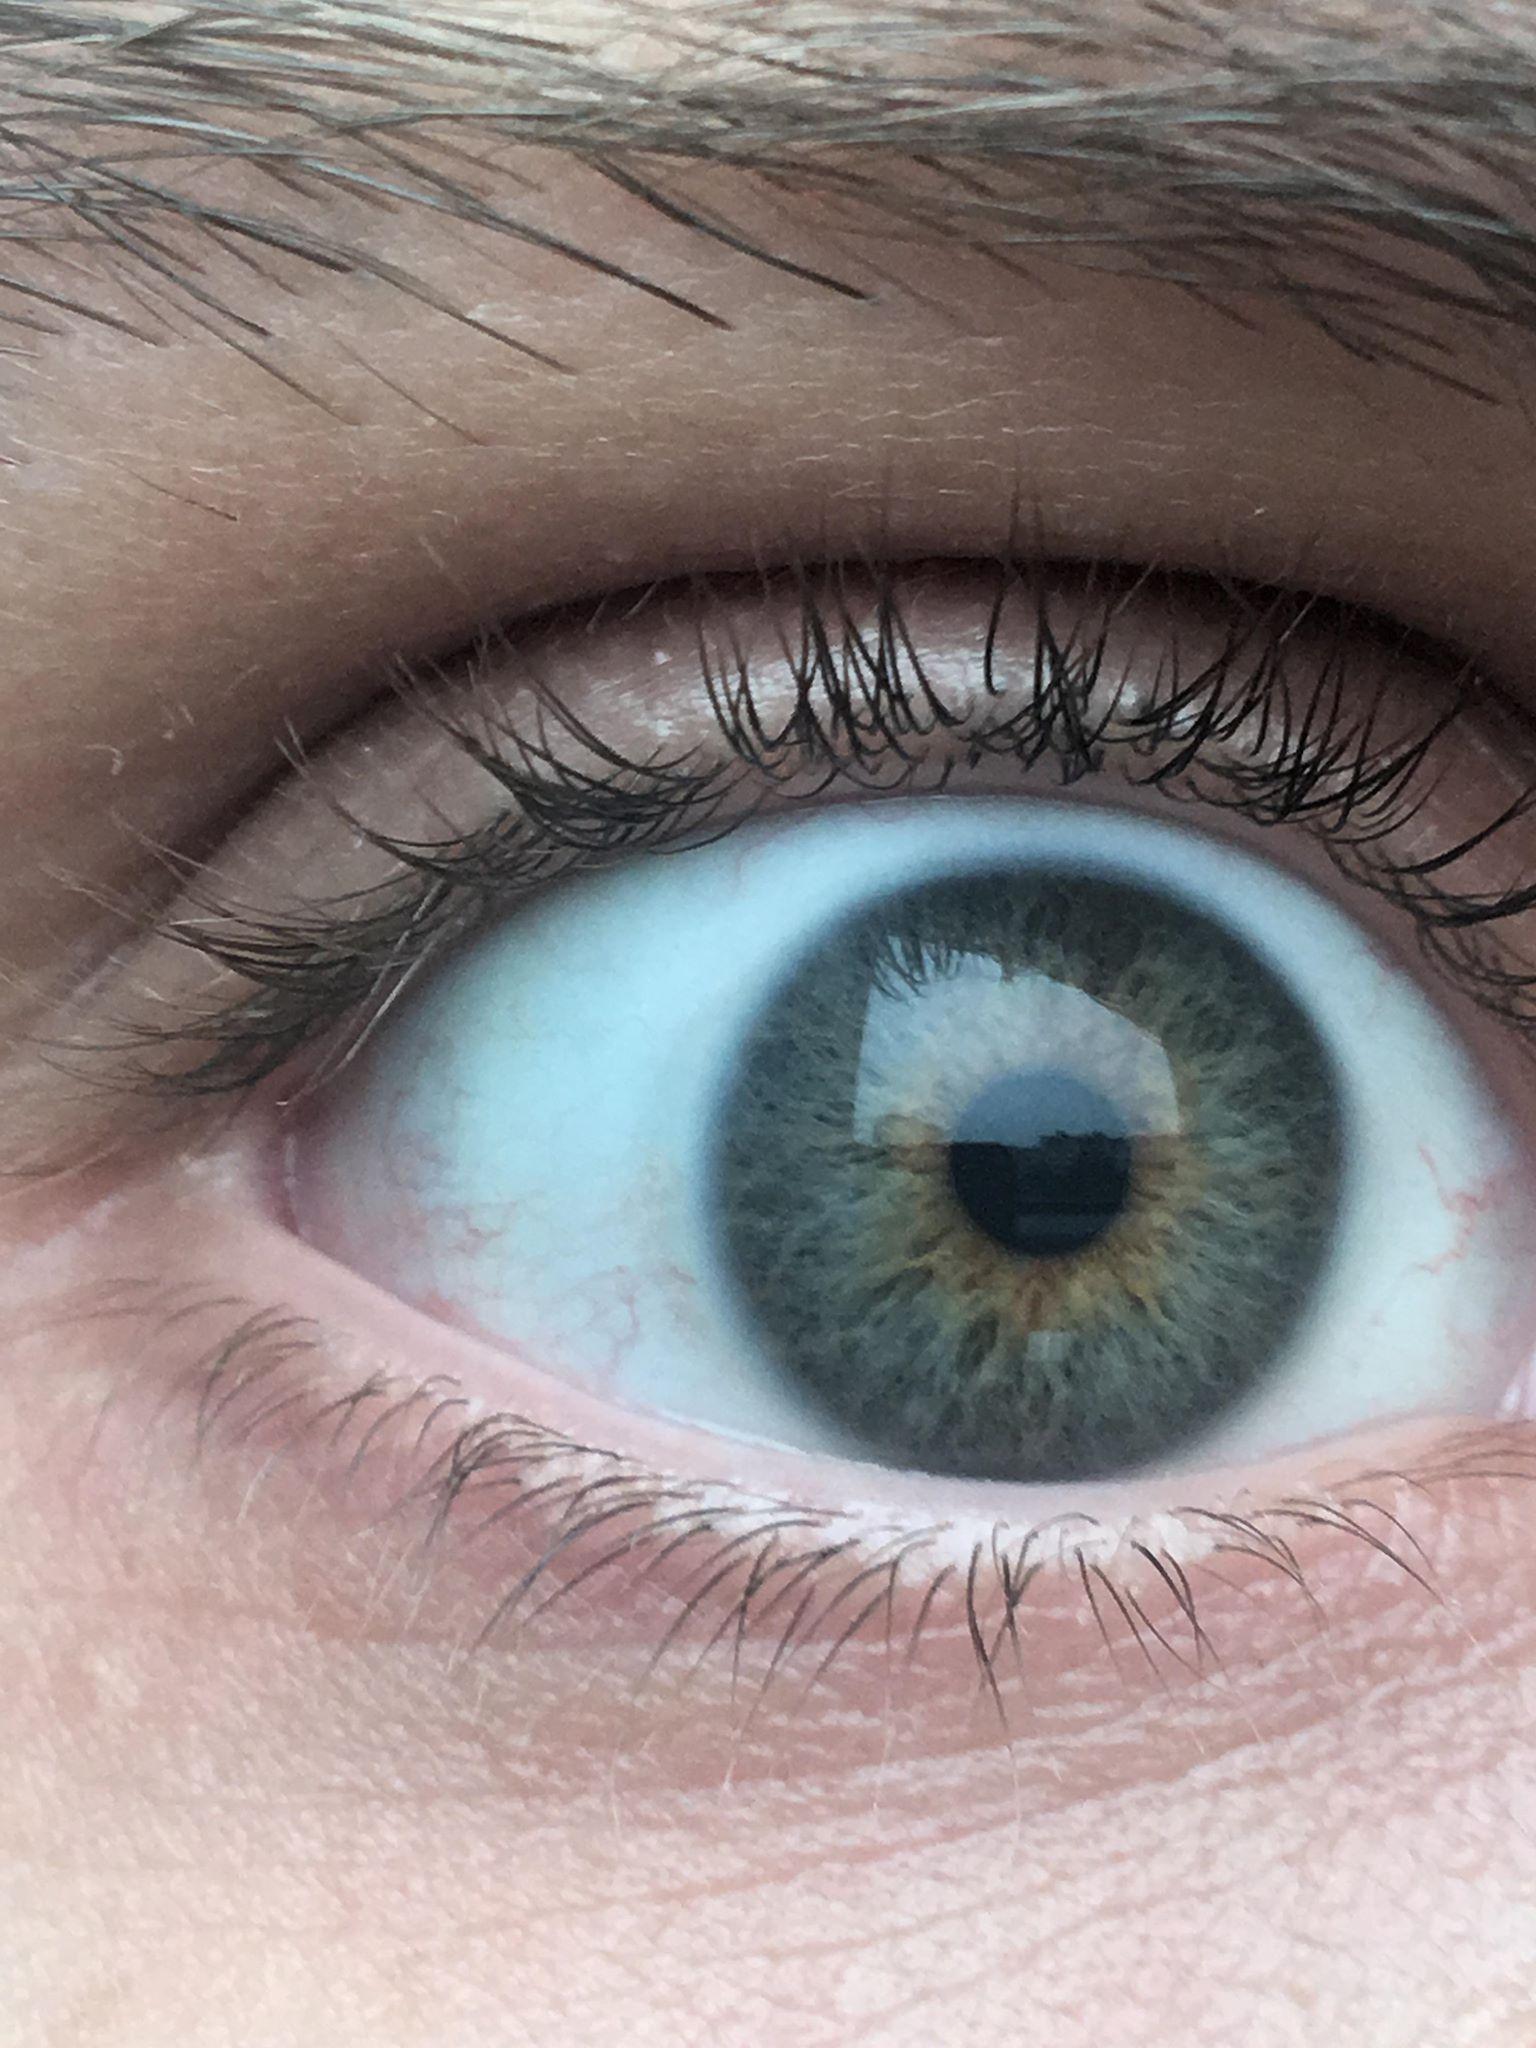 Welche Augenfarbe habe ich ((Personalausweis))? (Augen)